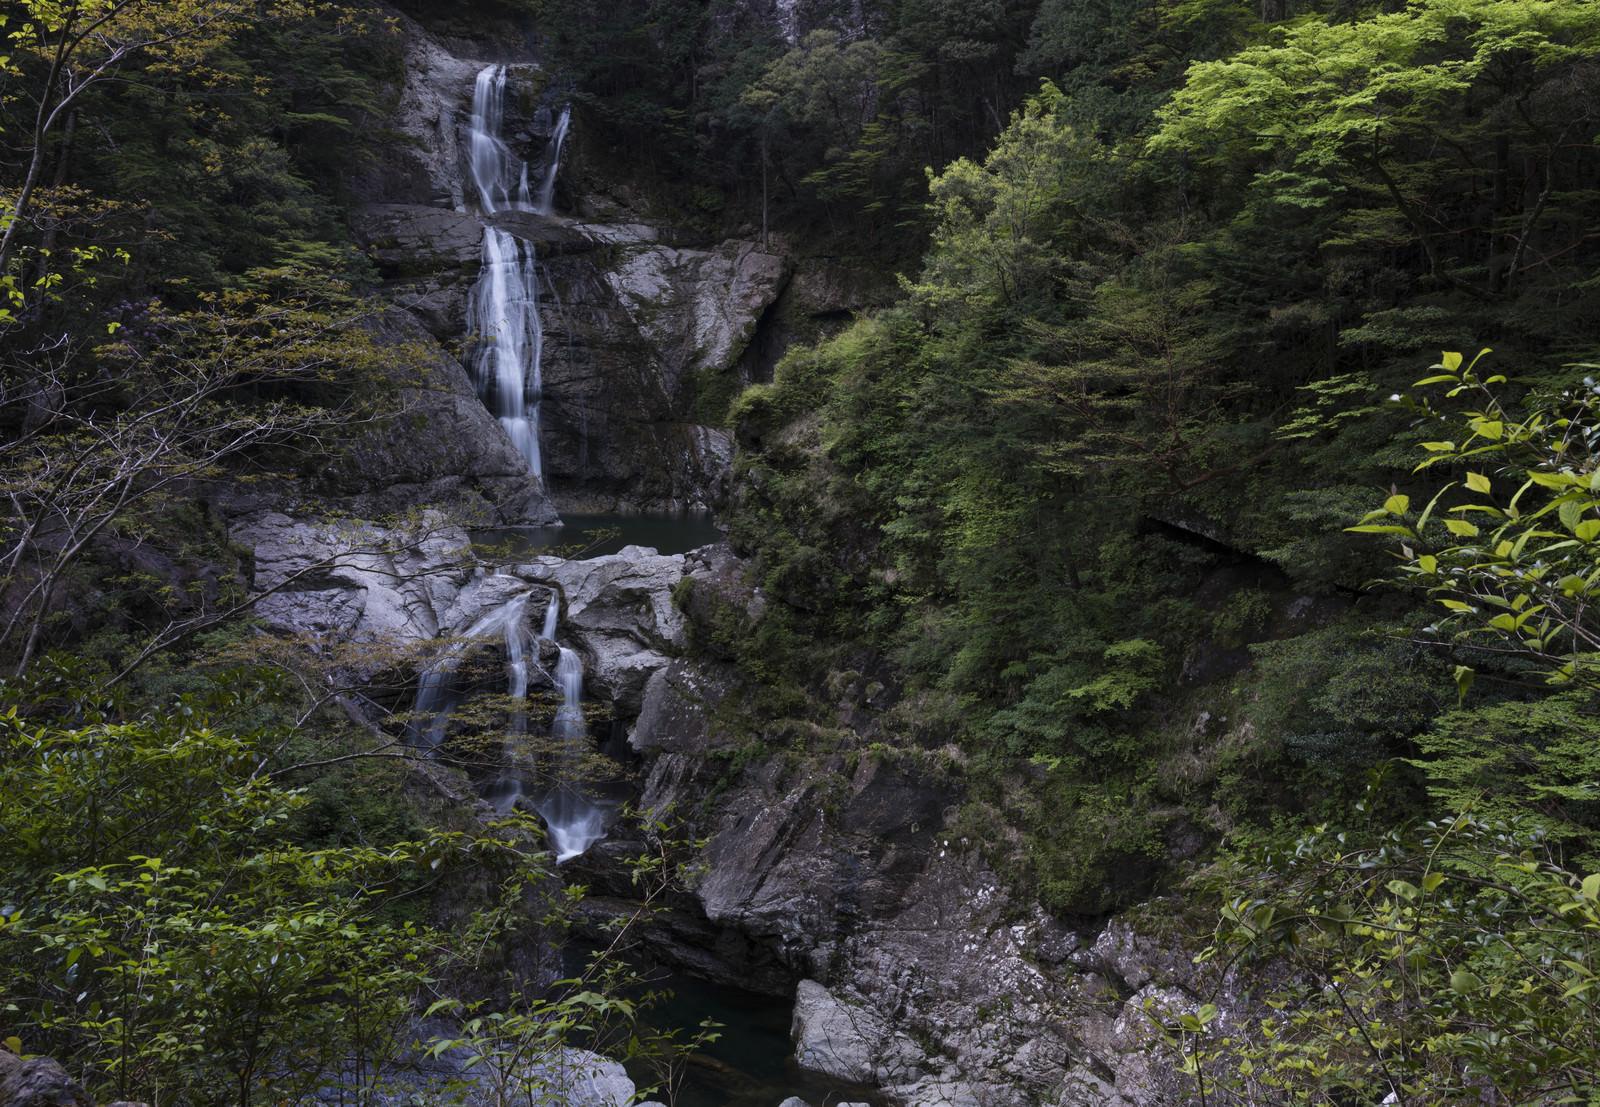 「滝百選にも選ばれている七ツ釜滝(大杉谷)」の写真